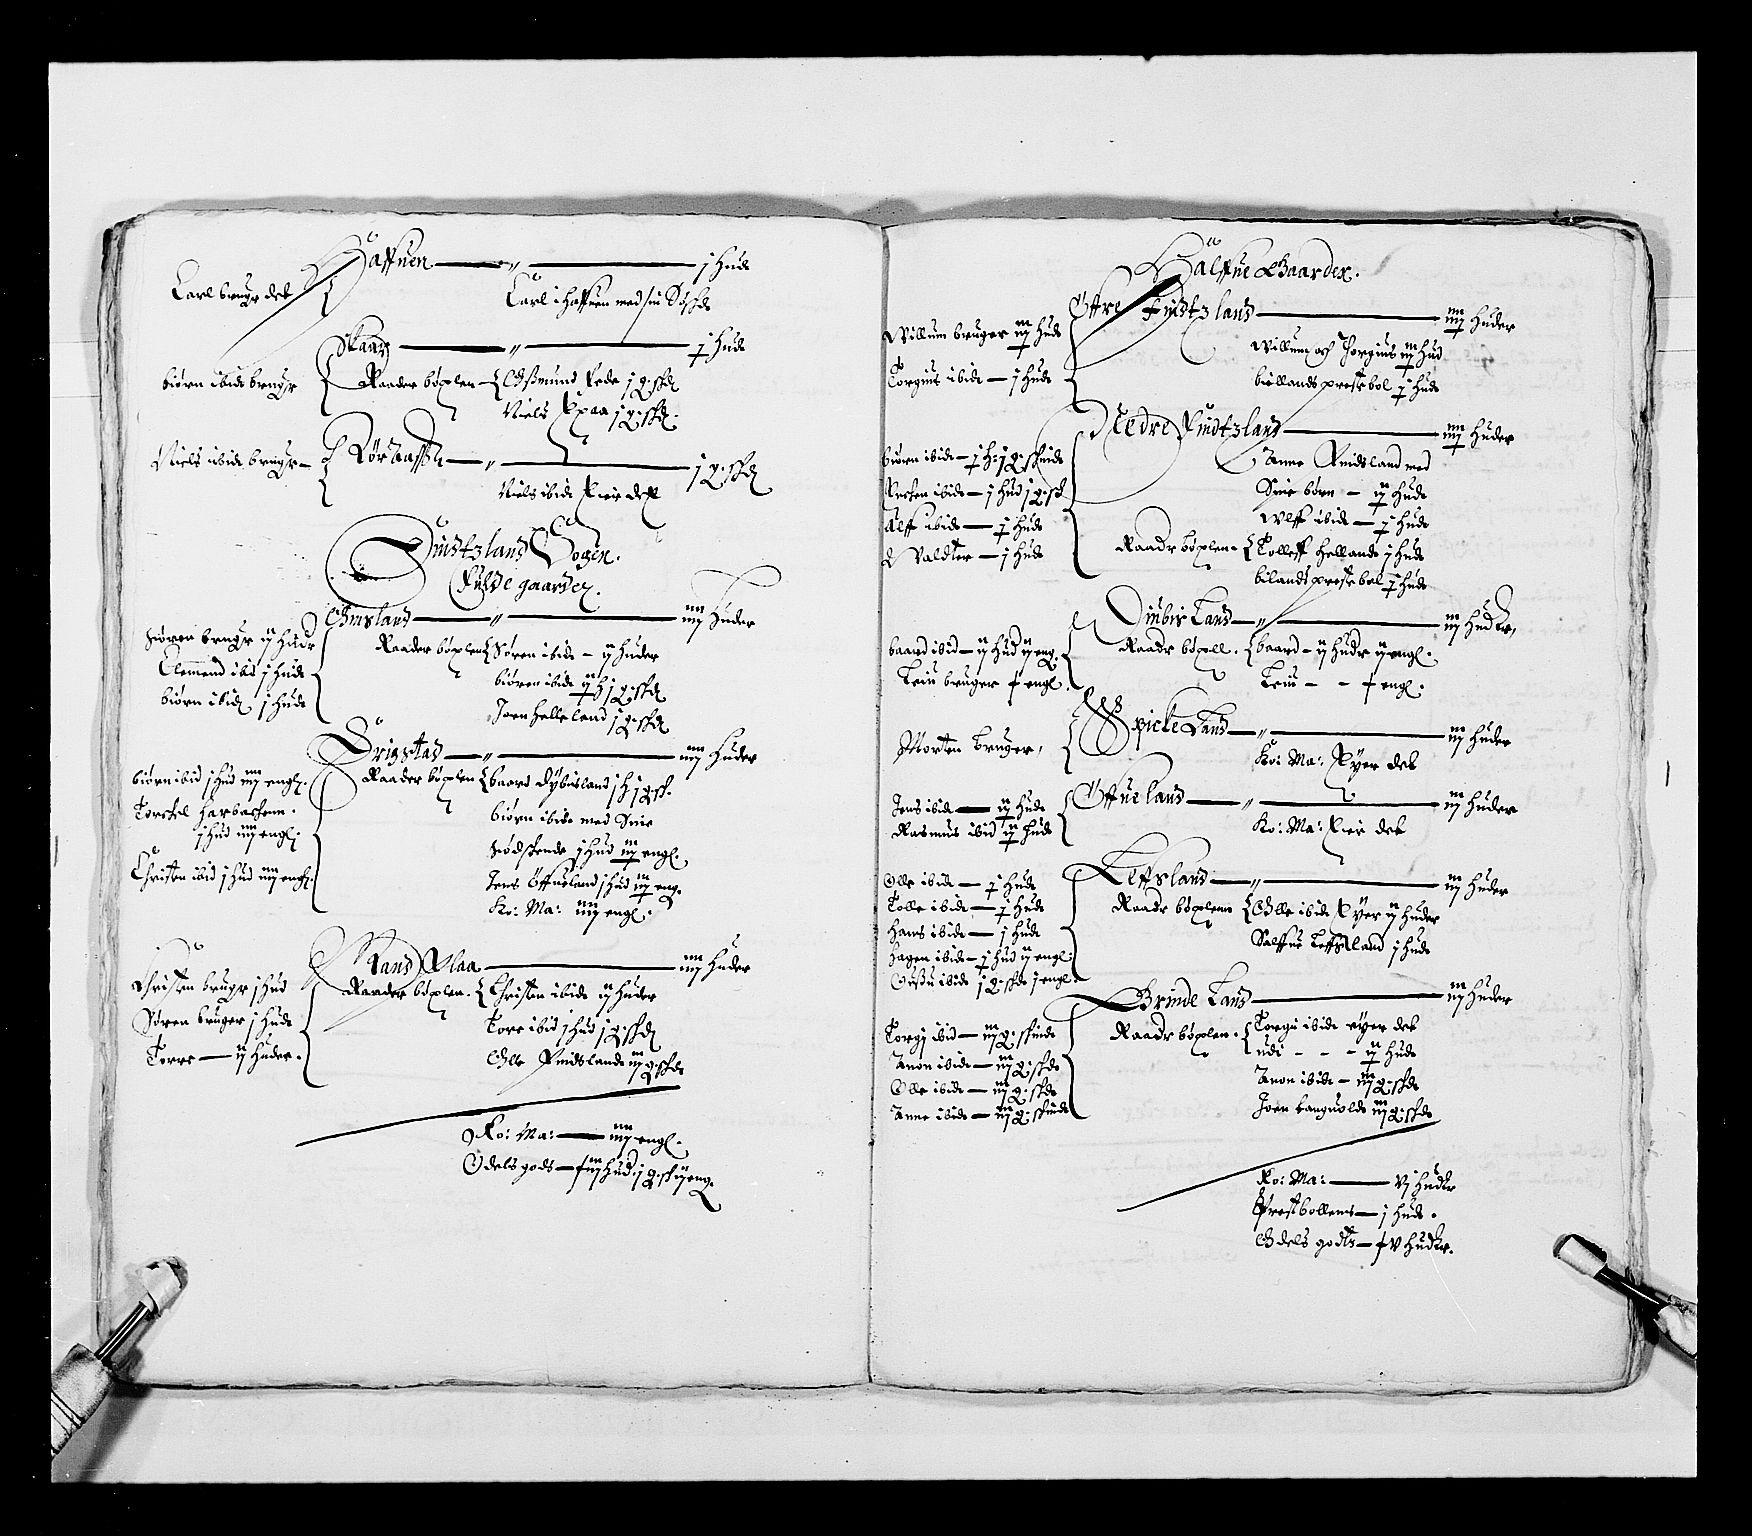 RA, Stattholderembetet 1572-1771, Ek/L0023: Jordebøker 1633-1658:, 1648-1649, s. 71